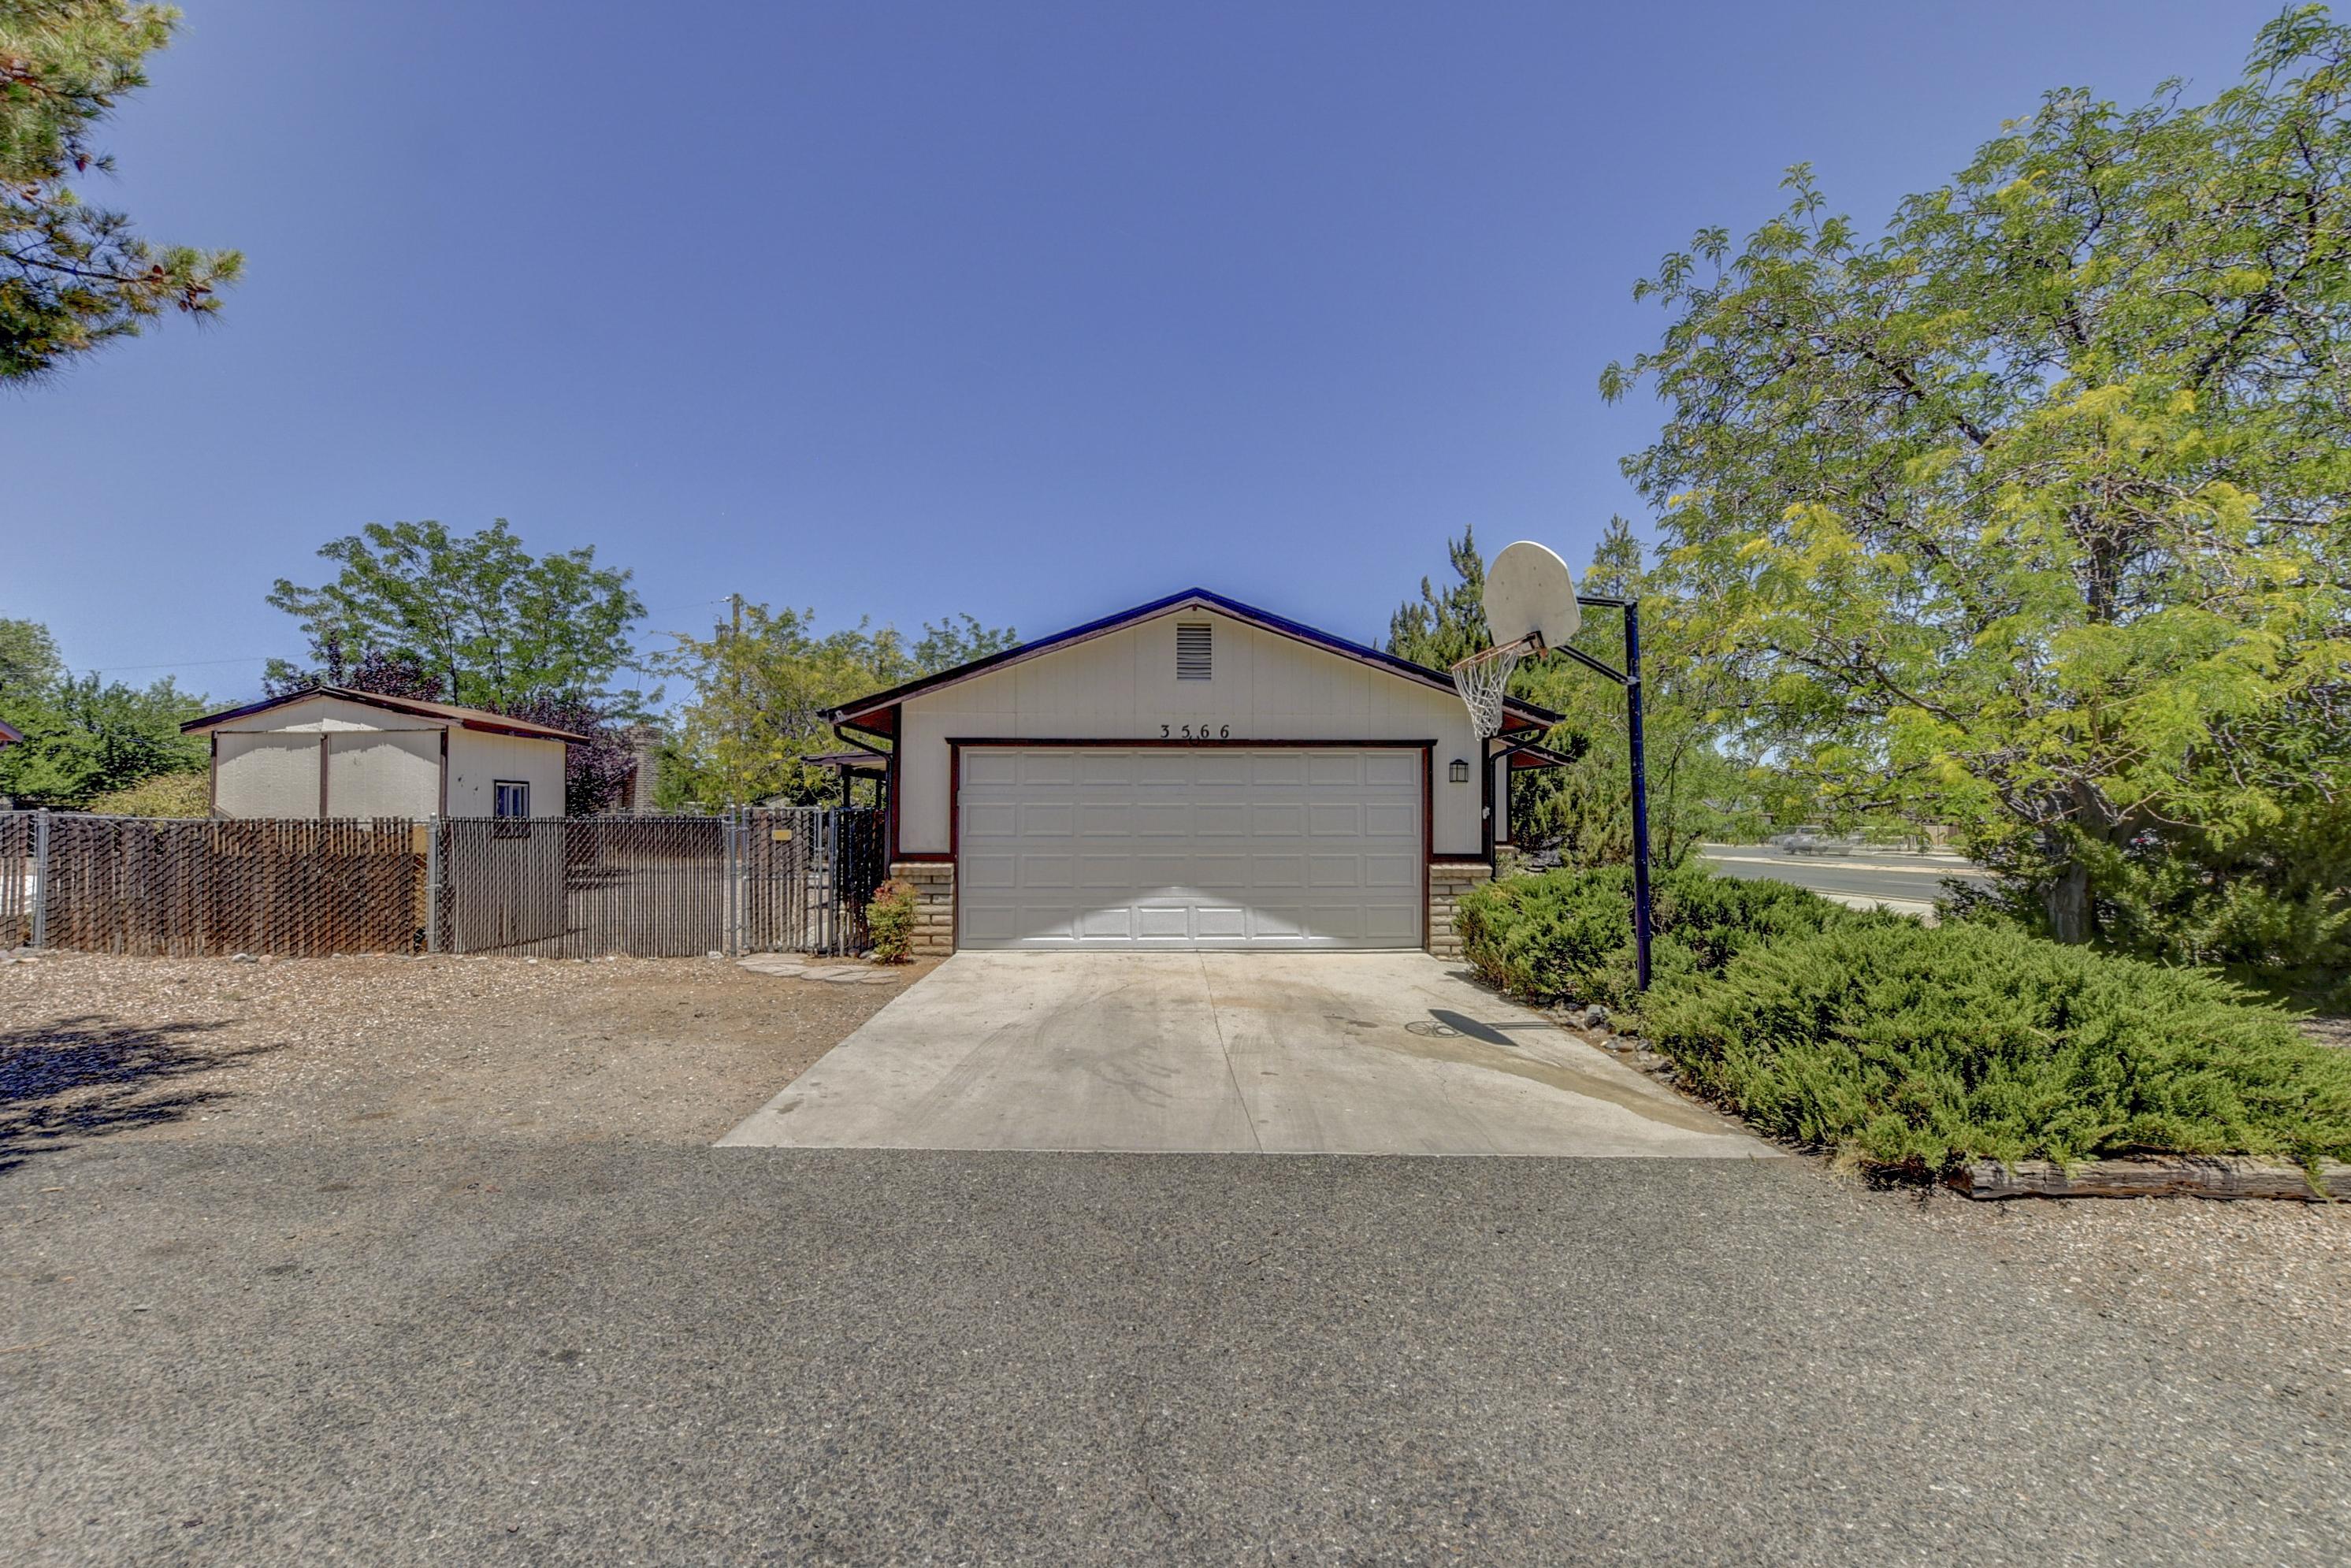 3566 Needles, Prescott Valley, AZ 86314